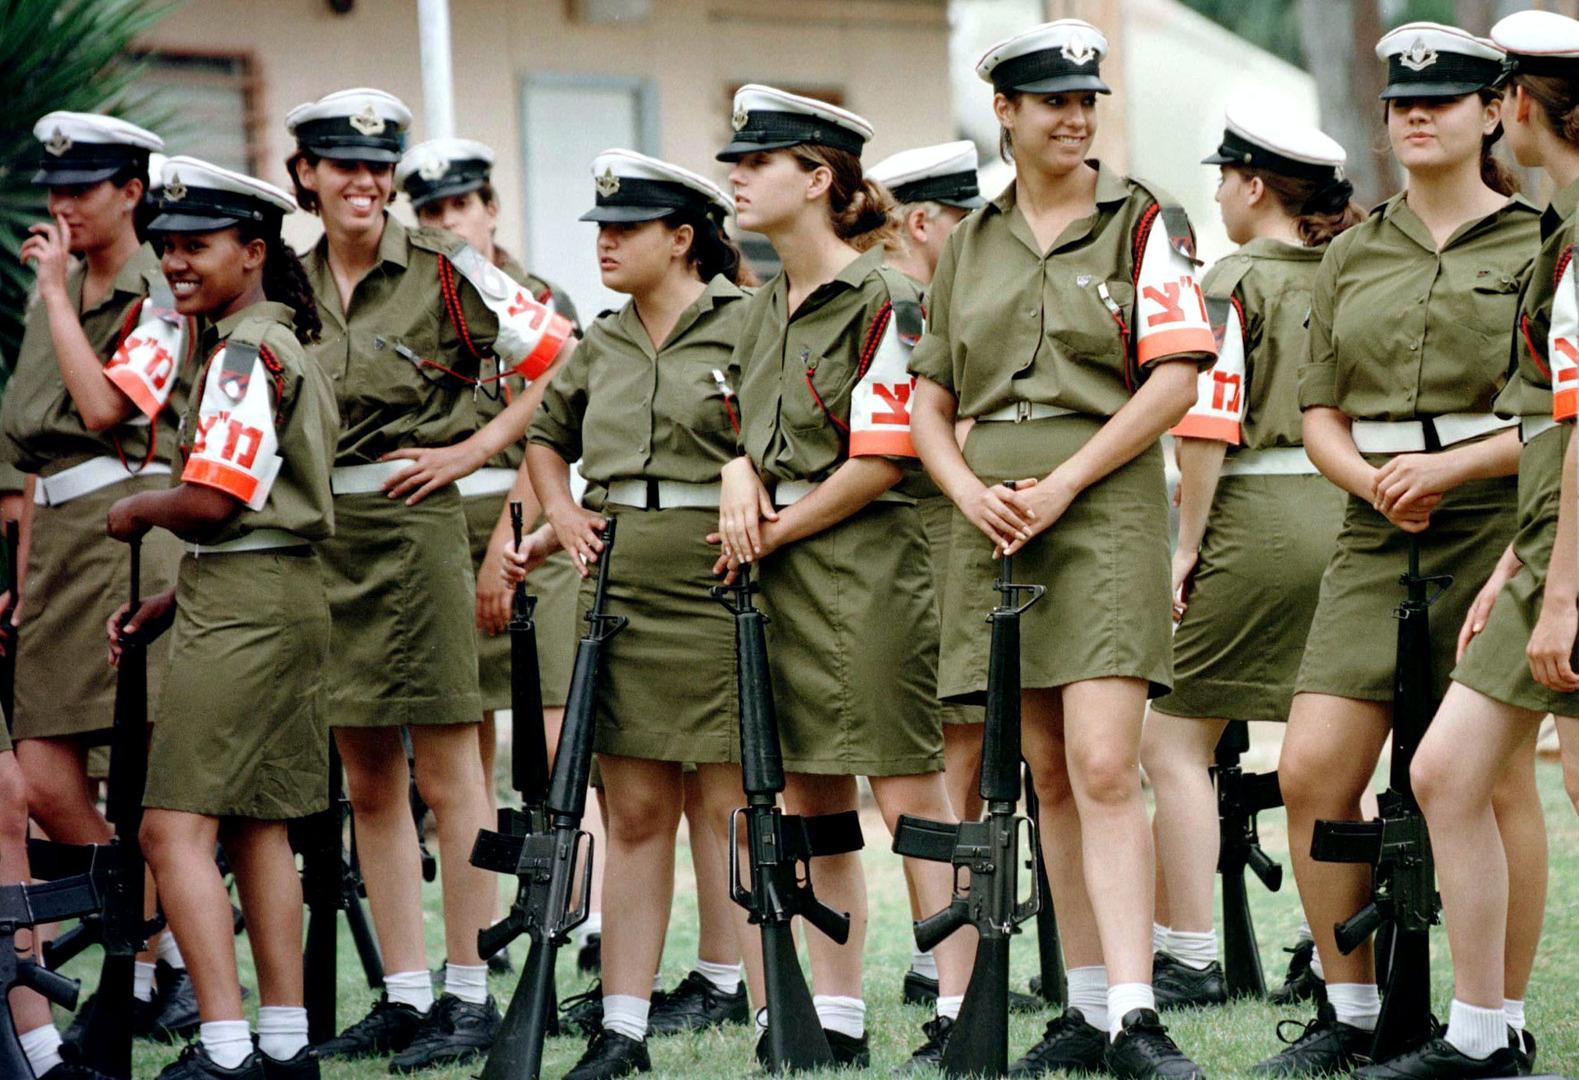 القناة 12 الإسرائيلية تكشف عن دور لنساء الموساد في إبرام اتفاق التطبيع مع دول خليجية!